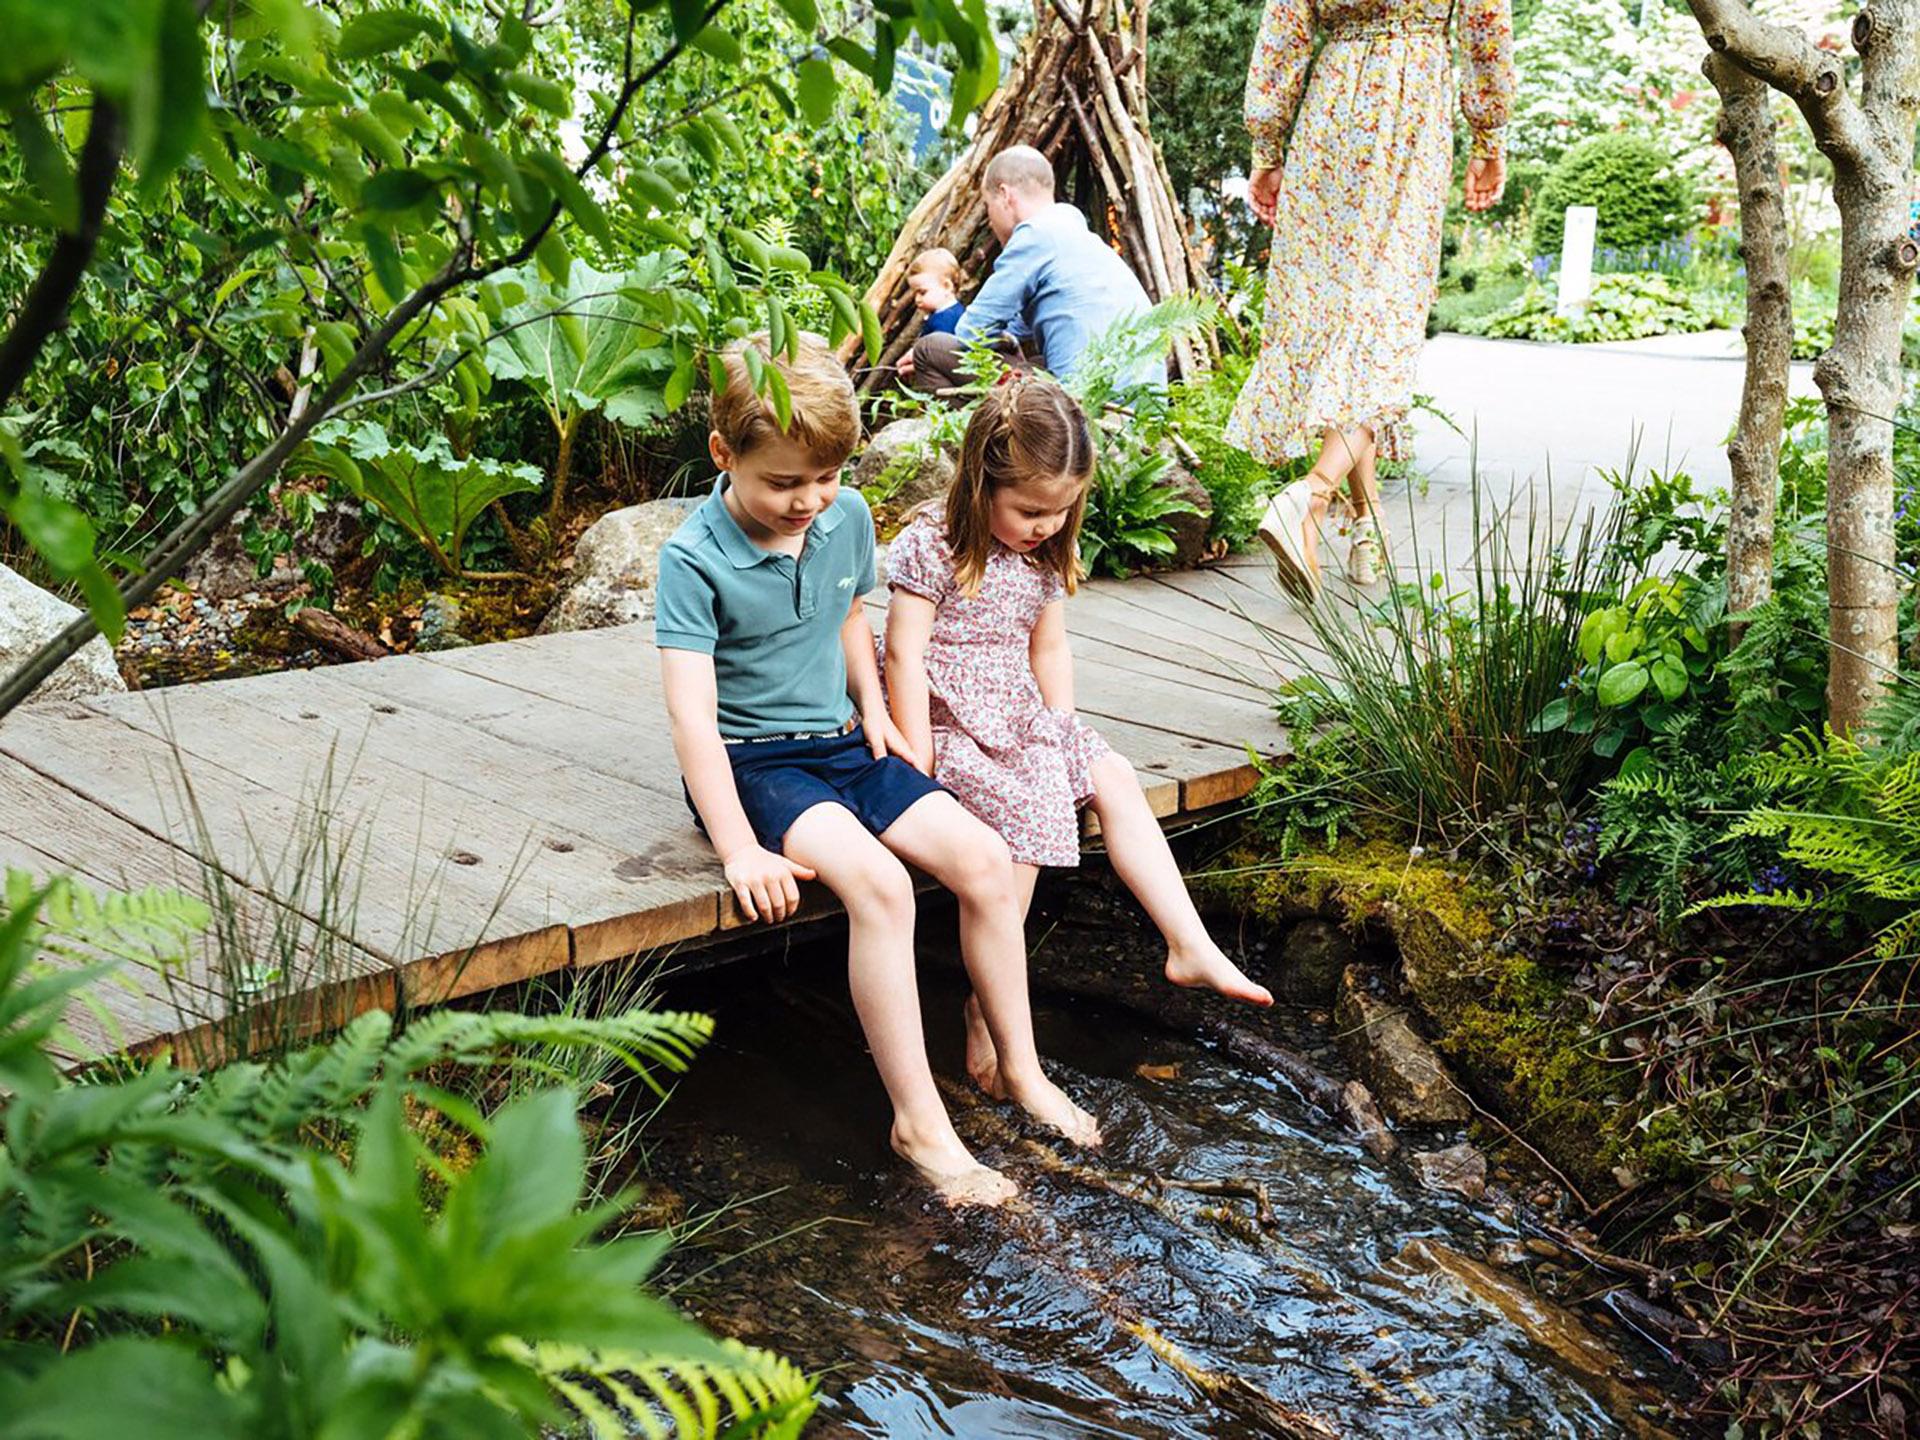 El príncipe George y su hermana, la princesa Charlotte, se relajan en la pasarela de madera. De fondo se puede ver al príncipe William con Louis